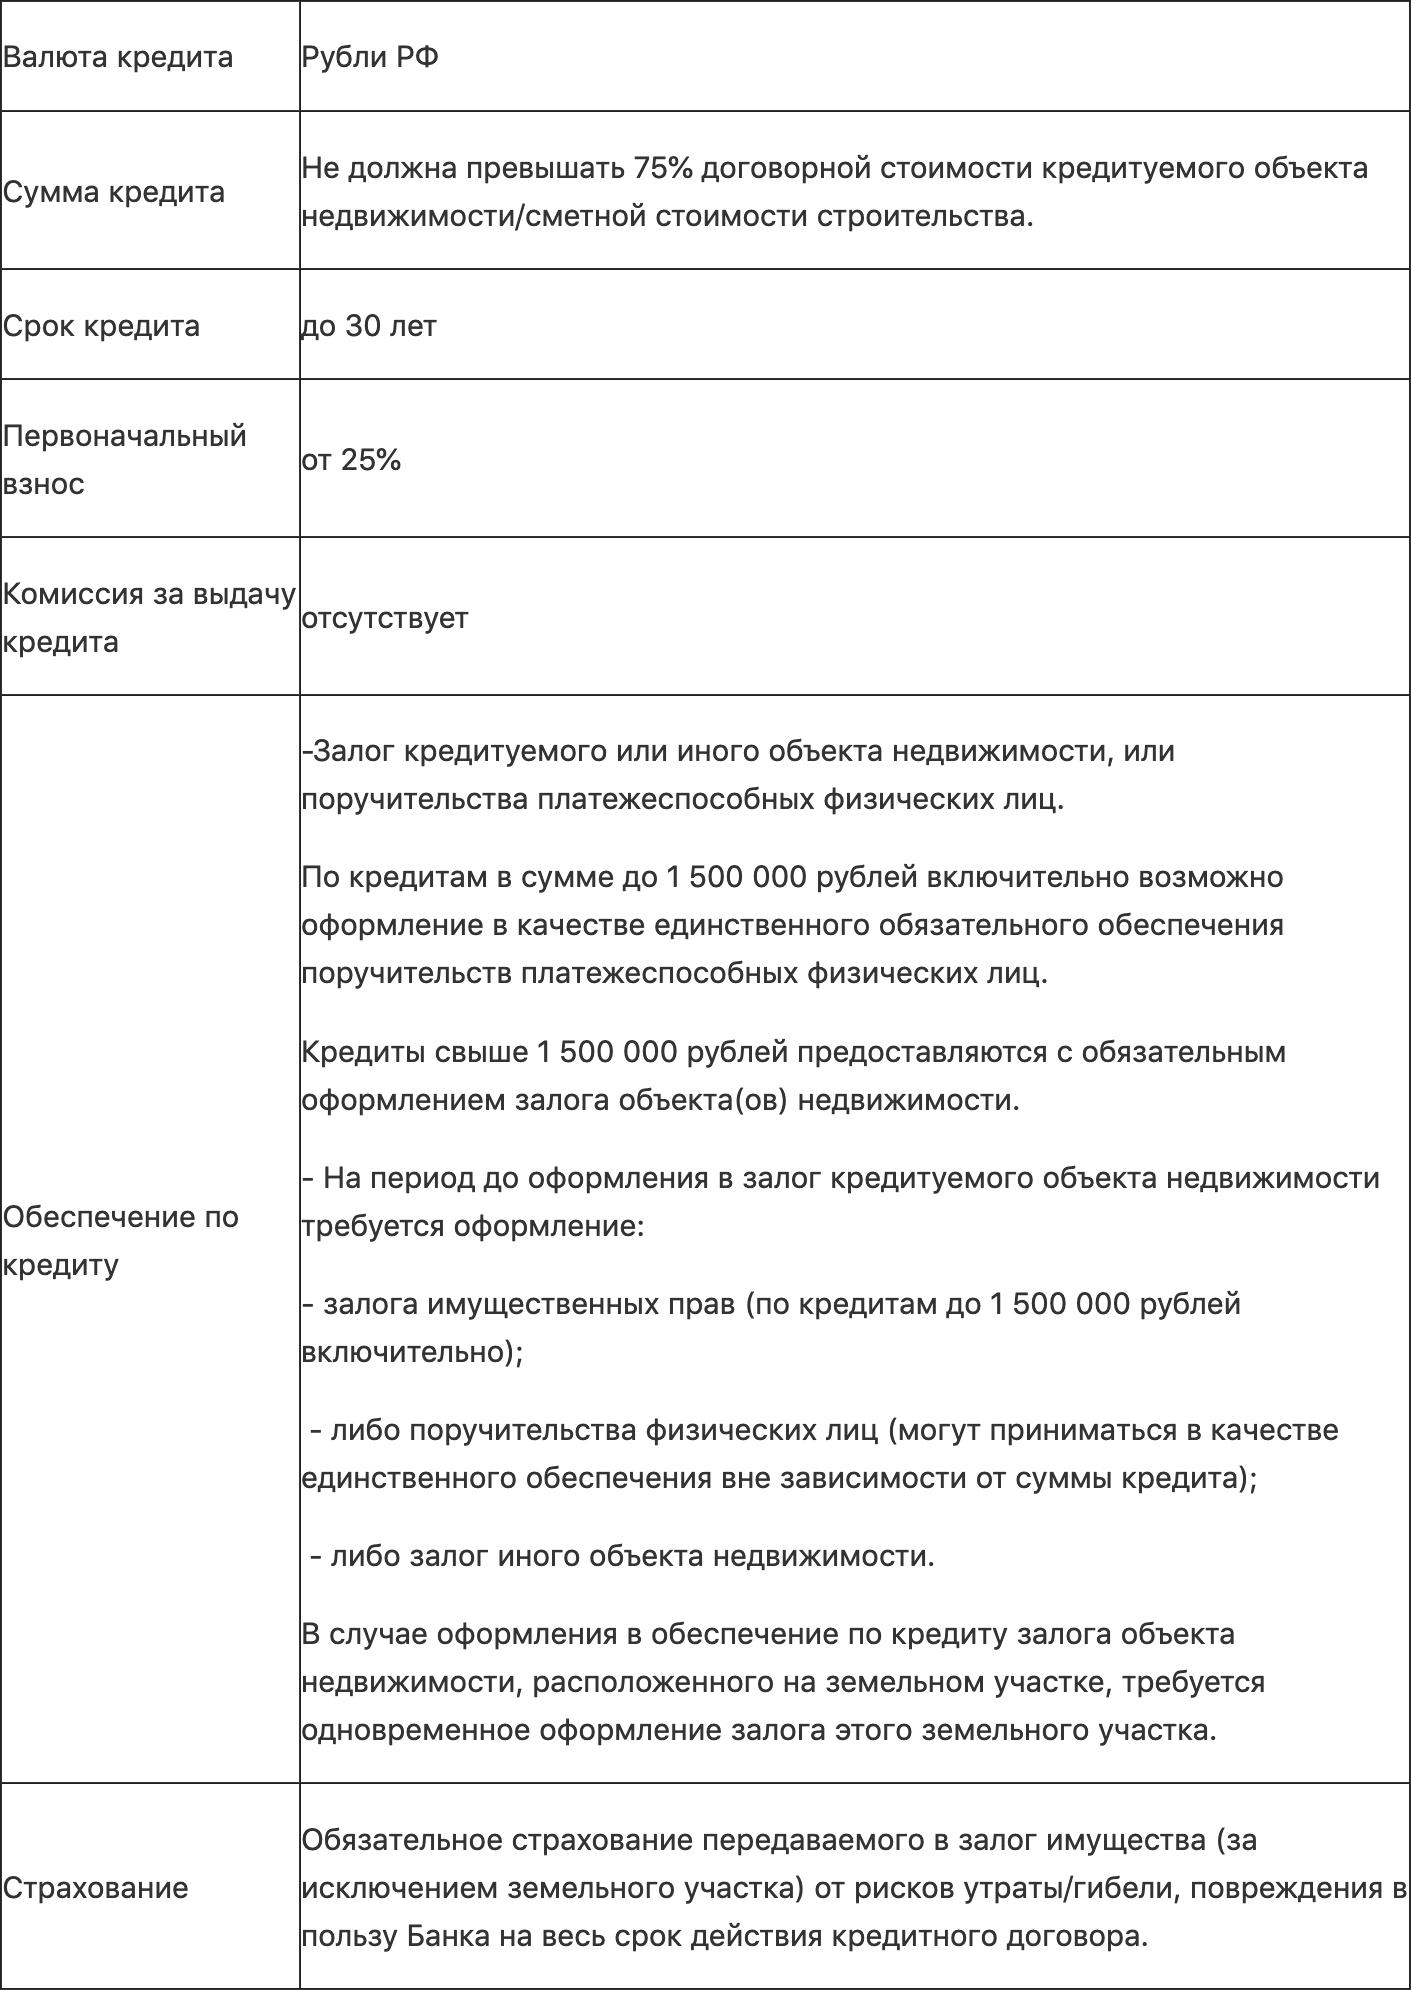 как зарабатывать по 300000 рублей в месяц